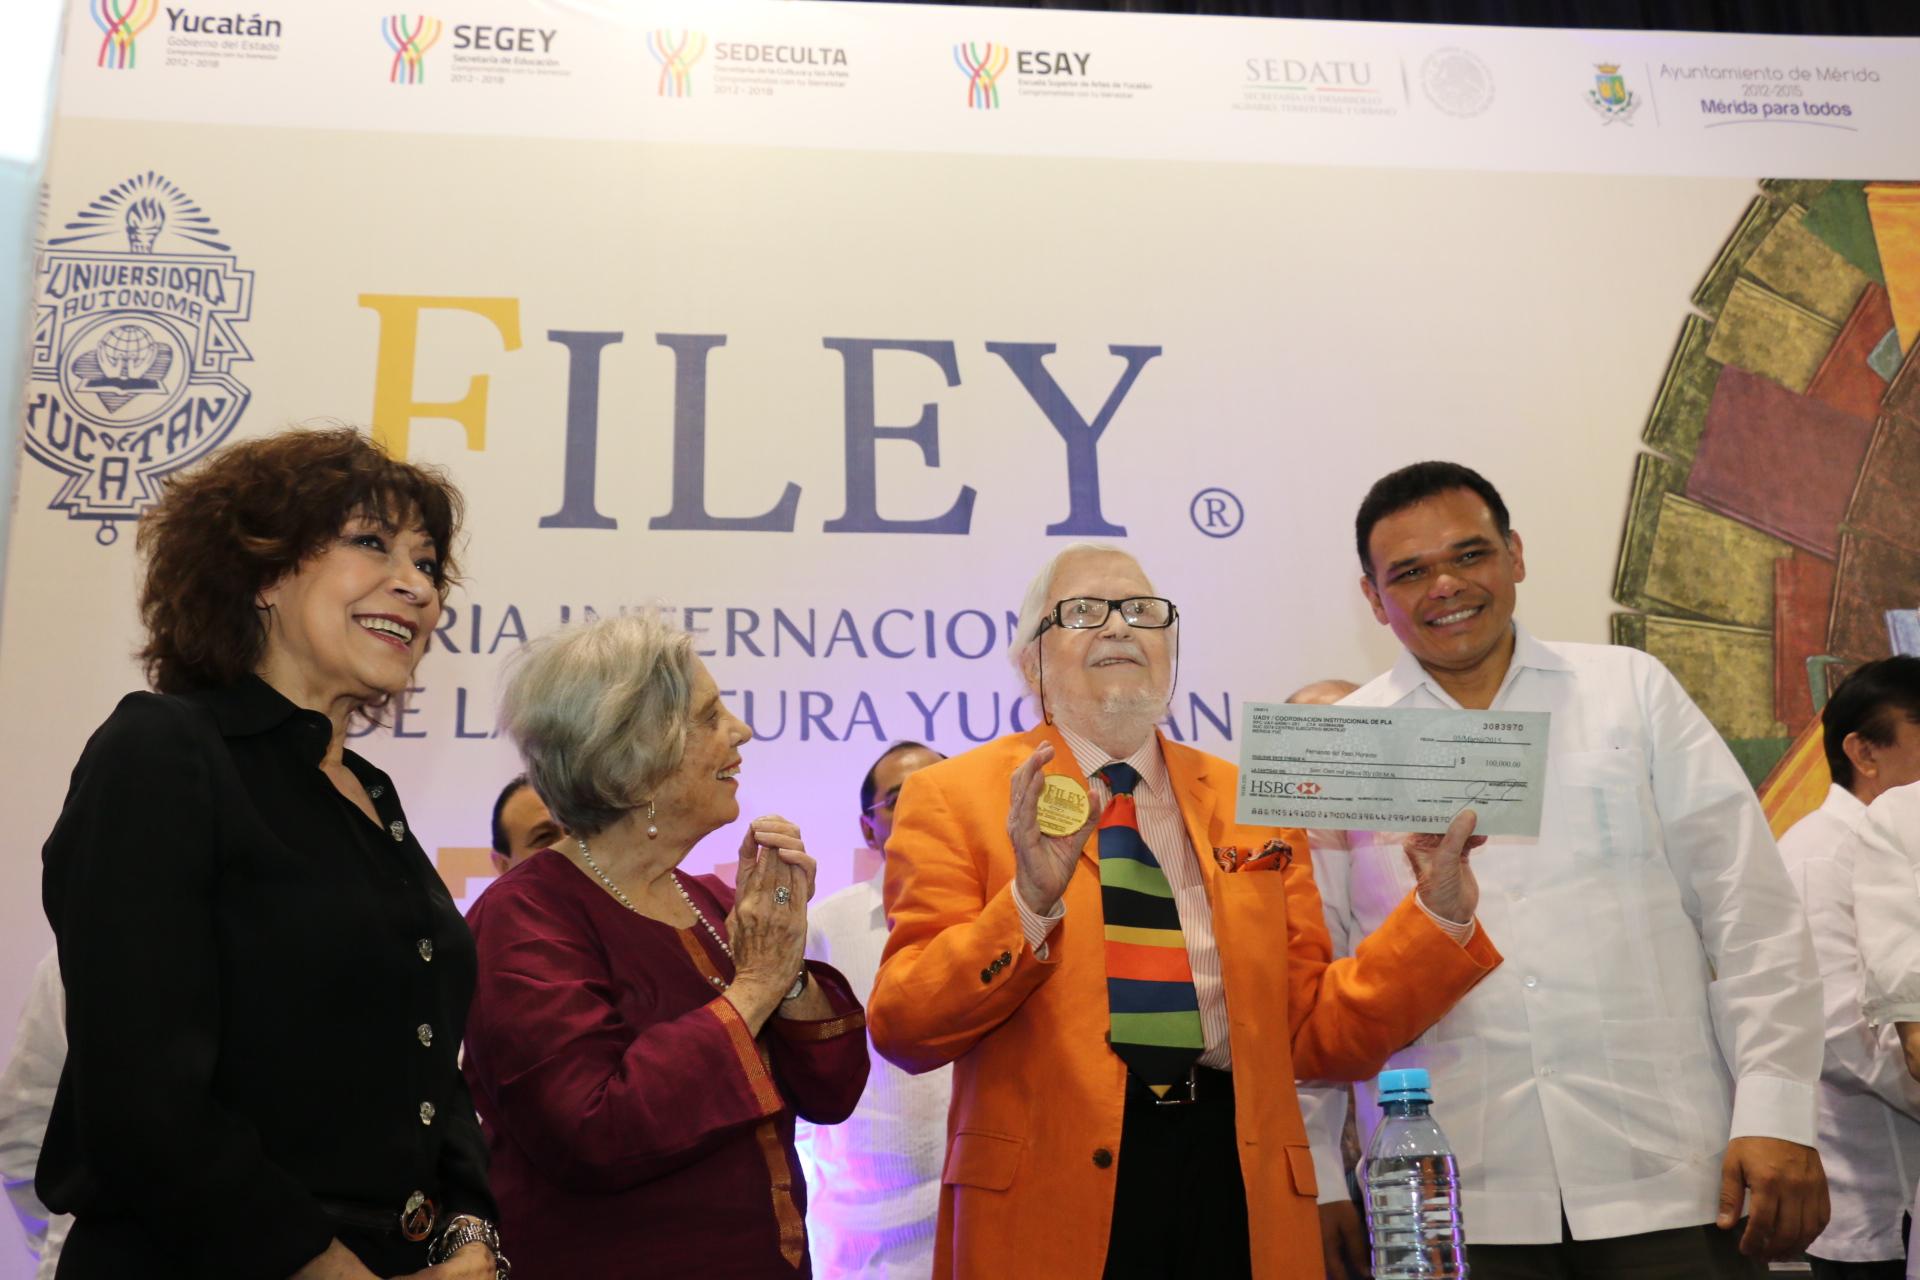 Fernando del Paso Morante recipiendario del Premio Excelencia en las Letras,